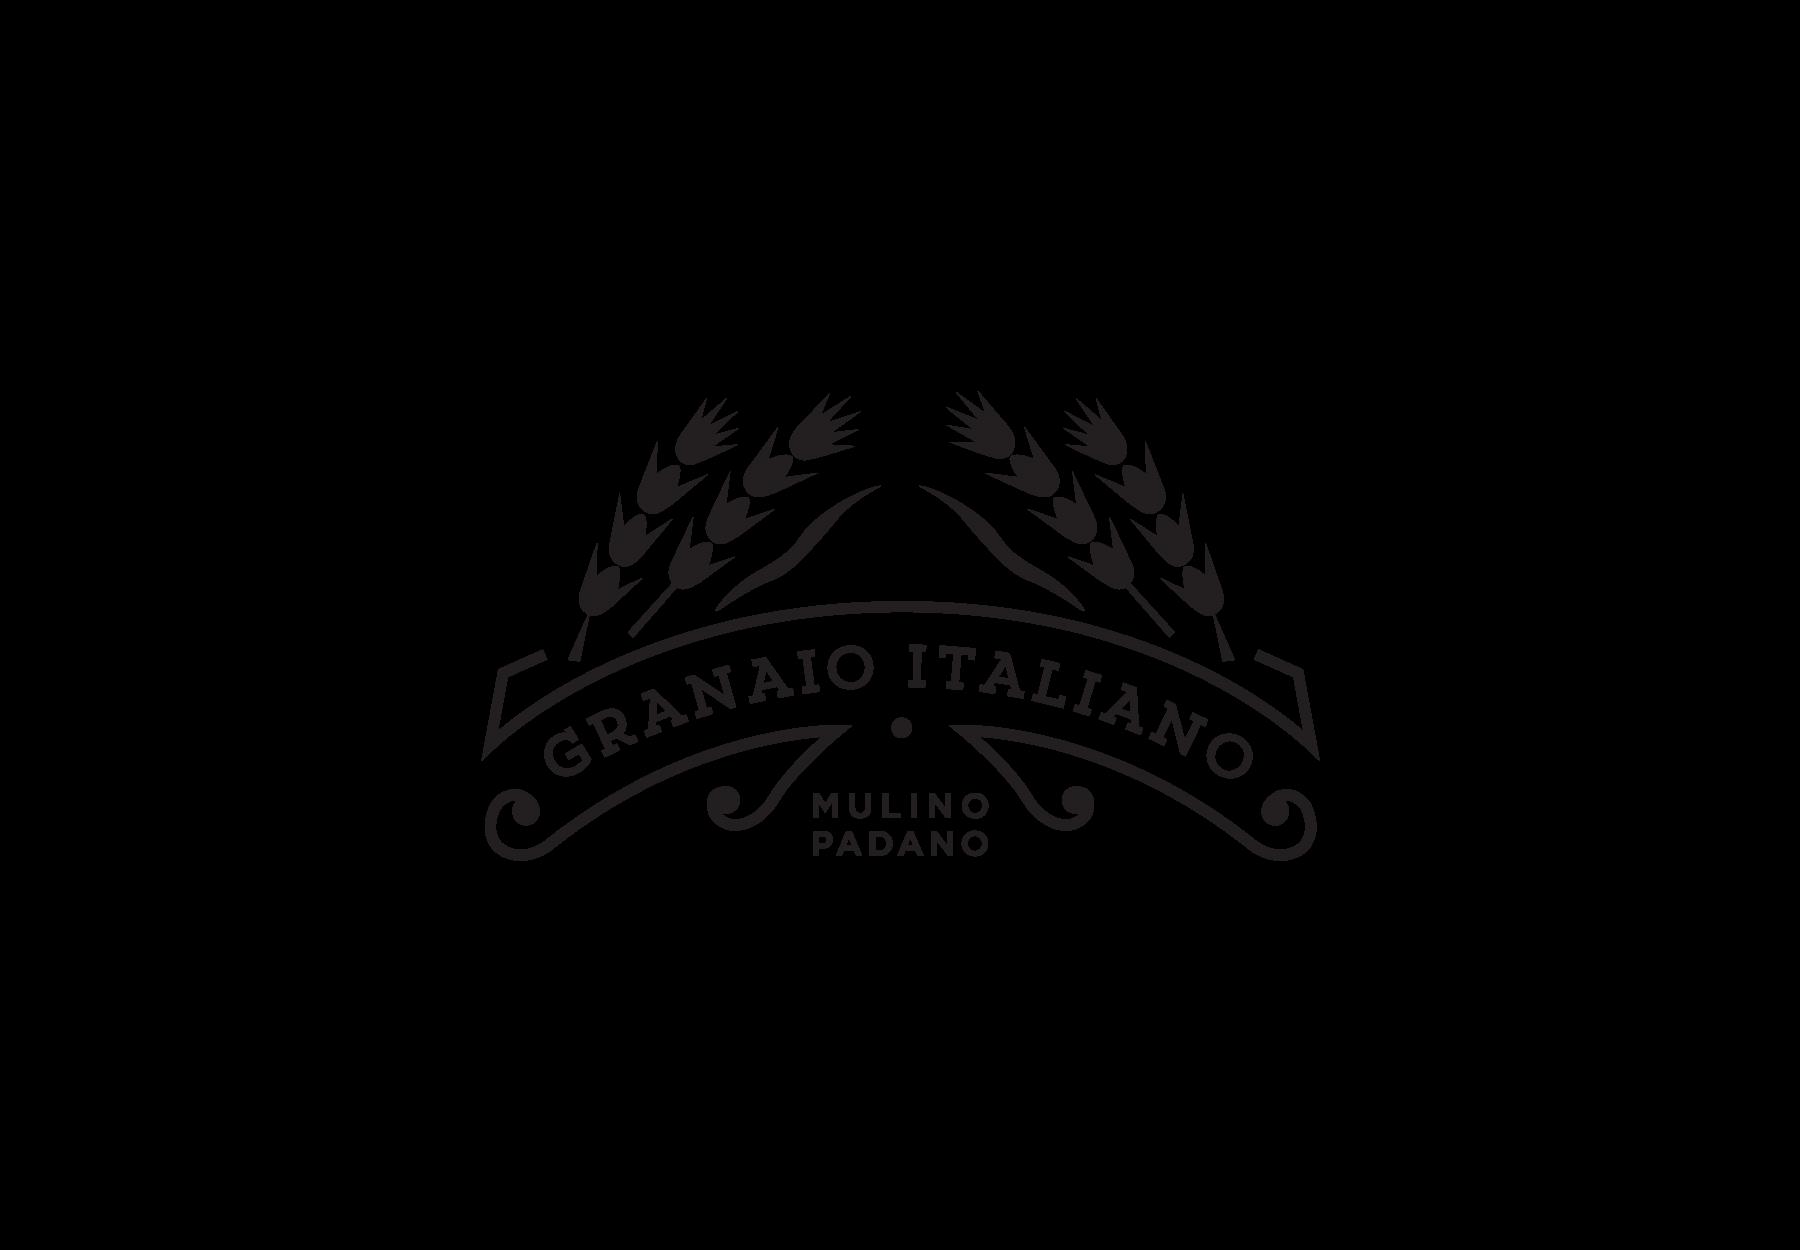 Progettazione Logo Granaio Italiano - DryStudio